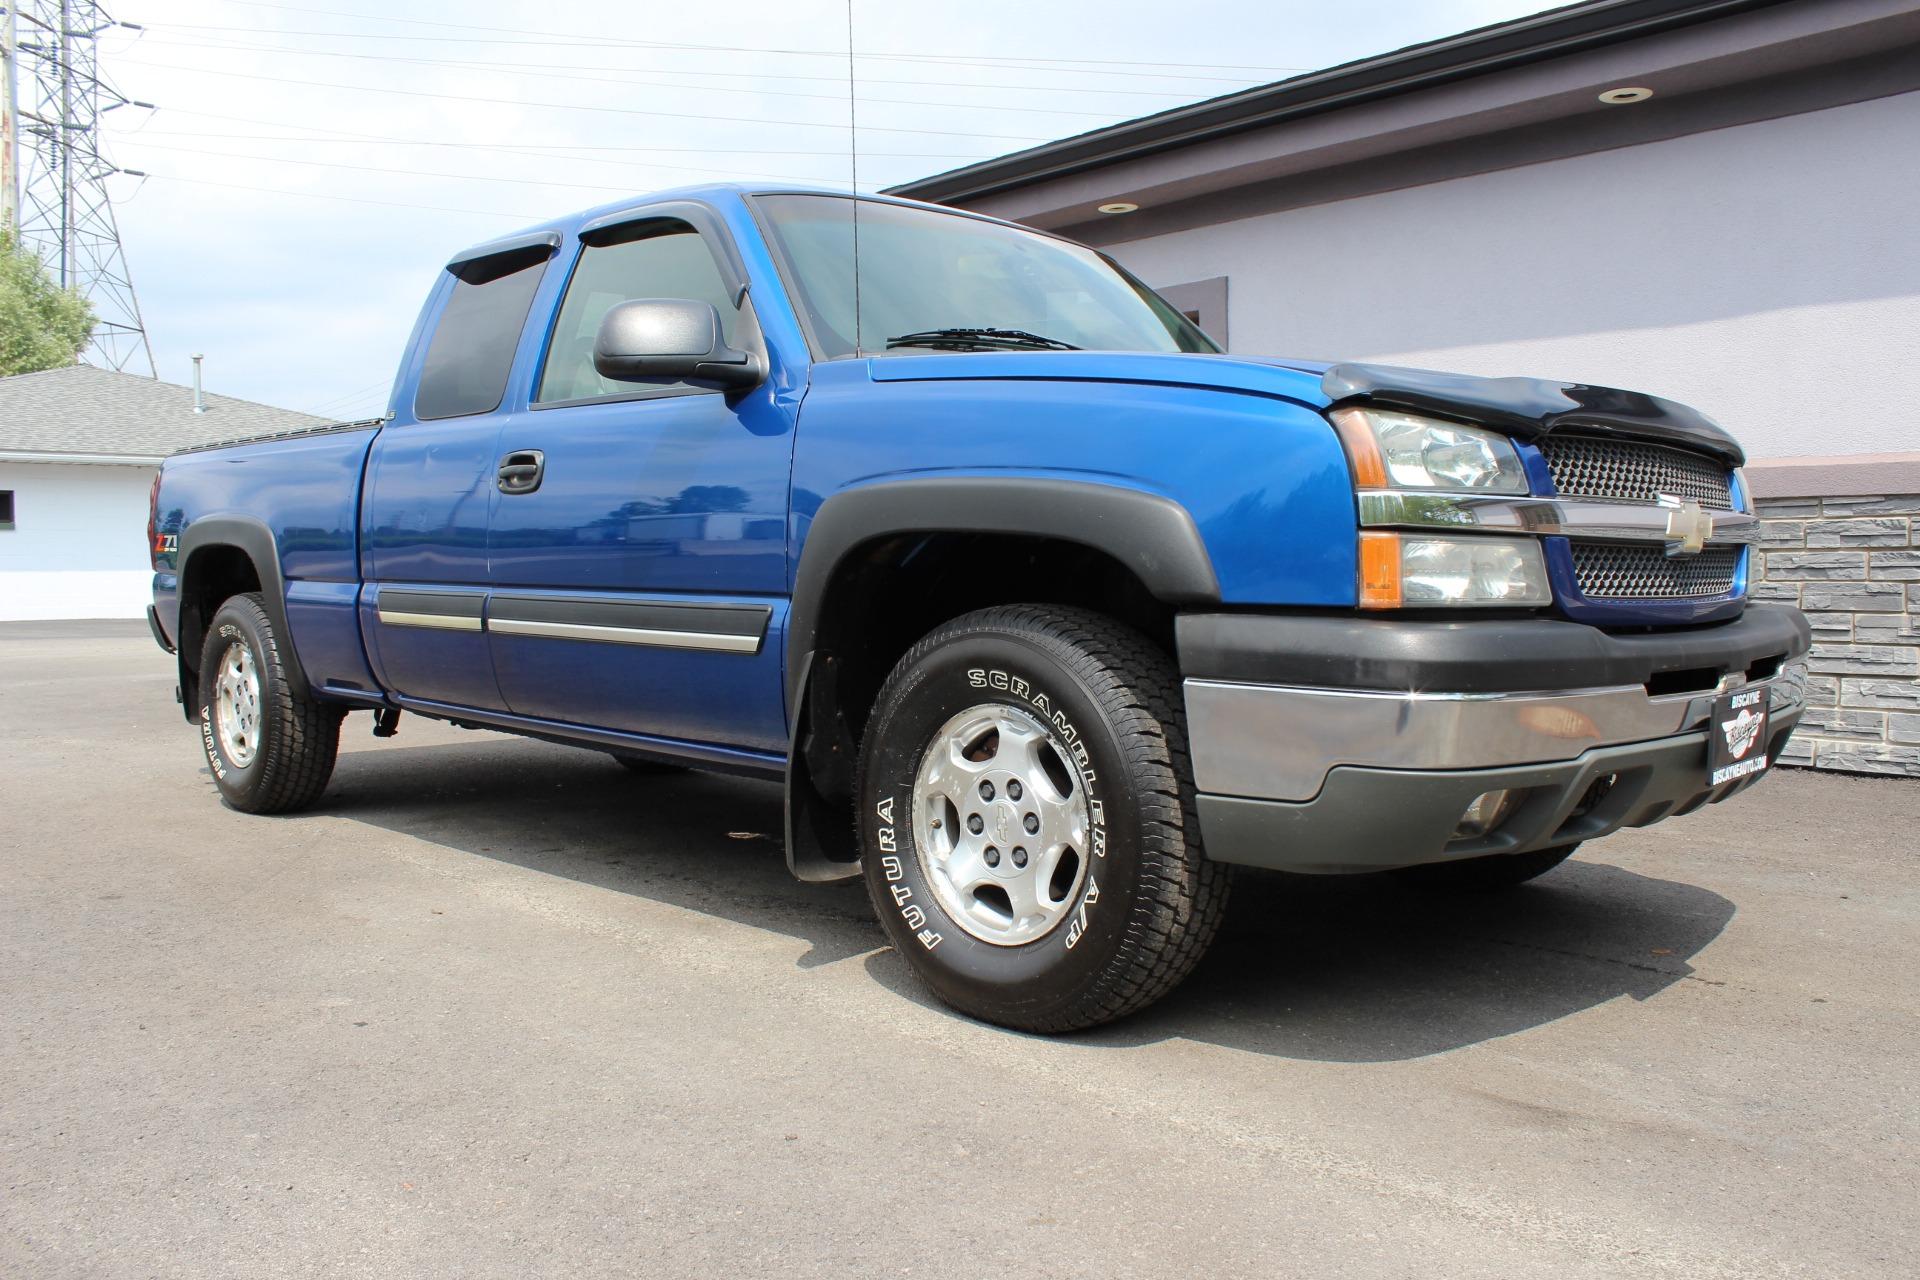 2003 Chevrolet Silverado 1500 Ls Biscayne Auto Sales Pre Owned Dealership Ontario Ny